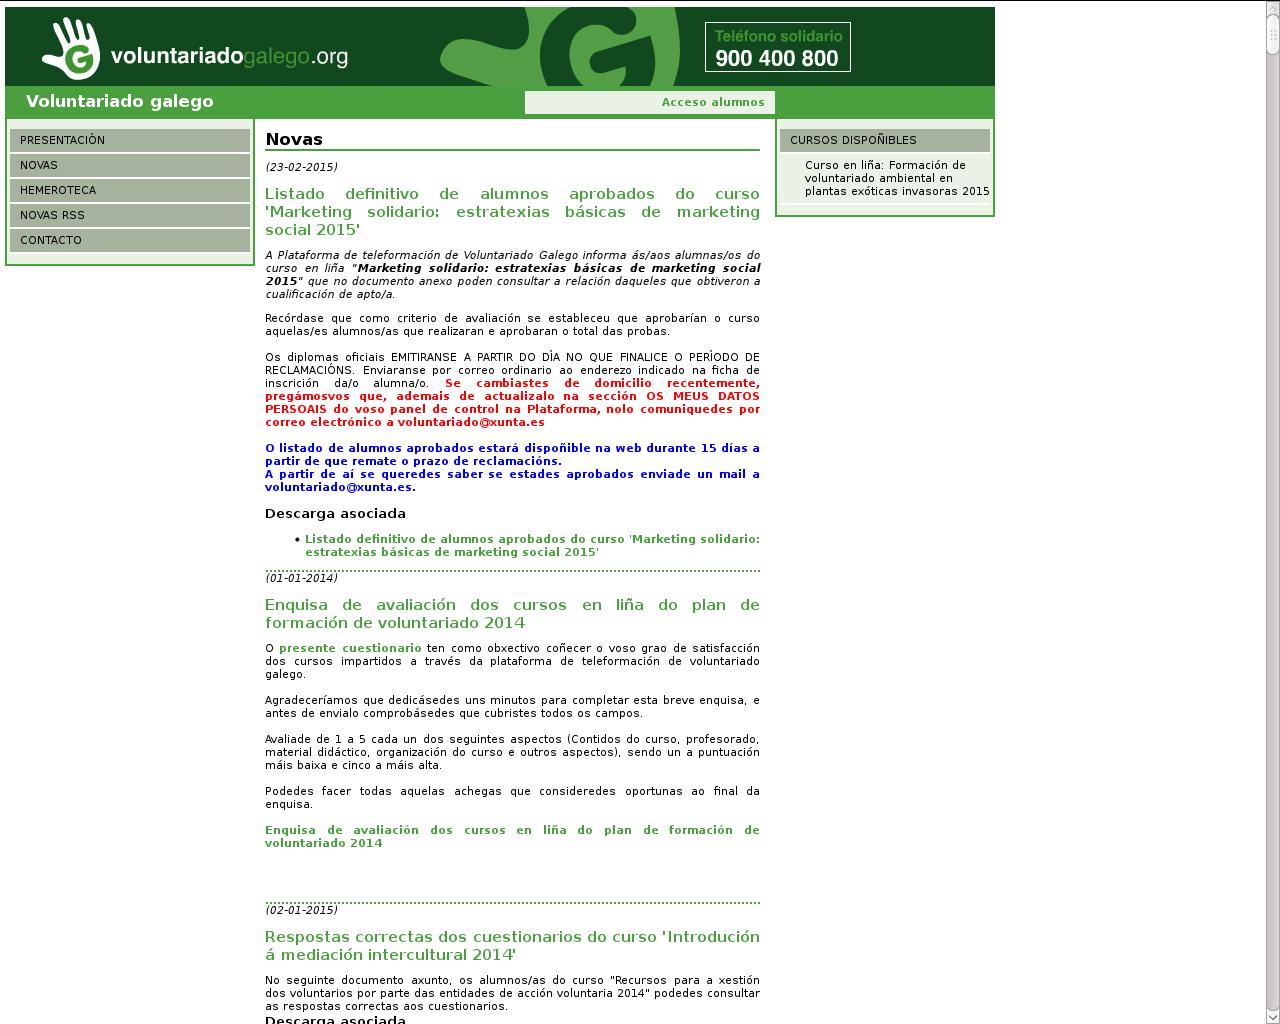 http://www.voluntariadogalego.org/voluntariado/index.php